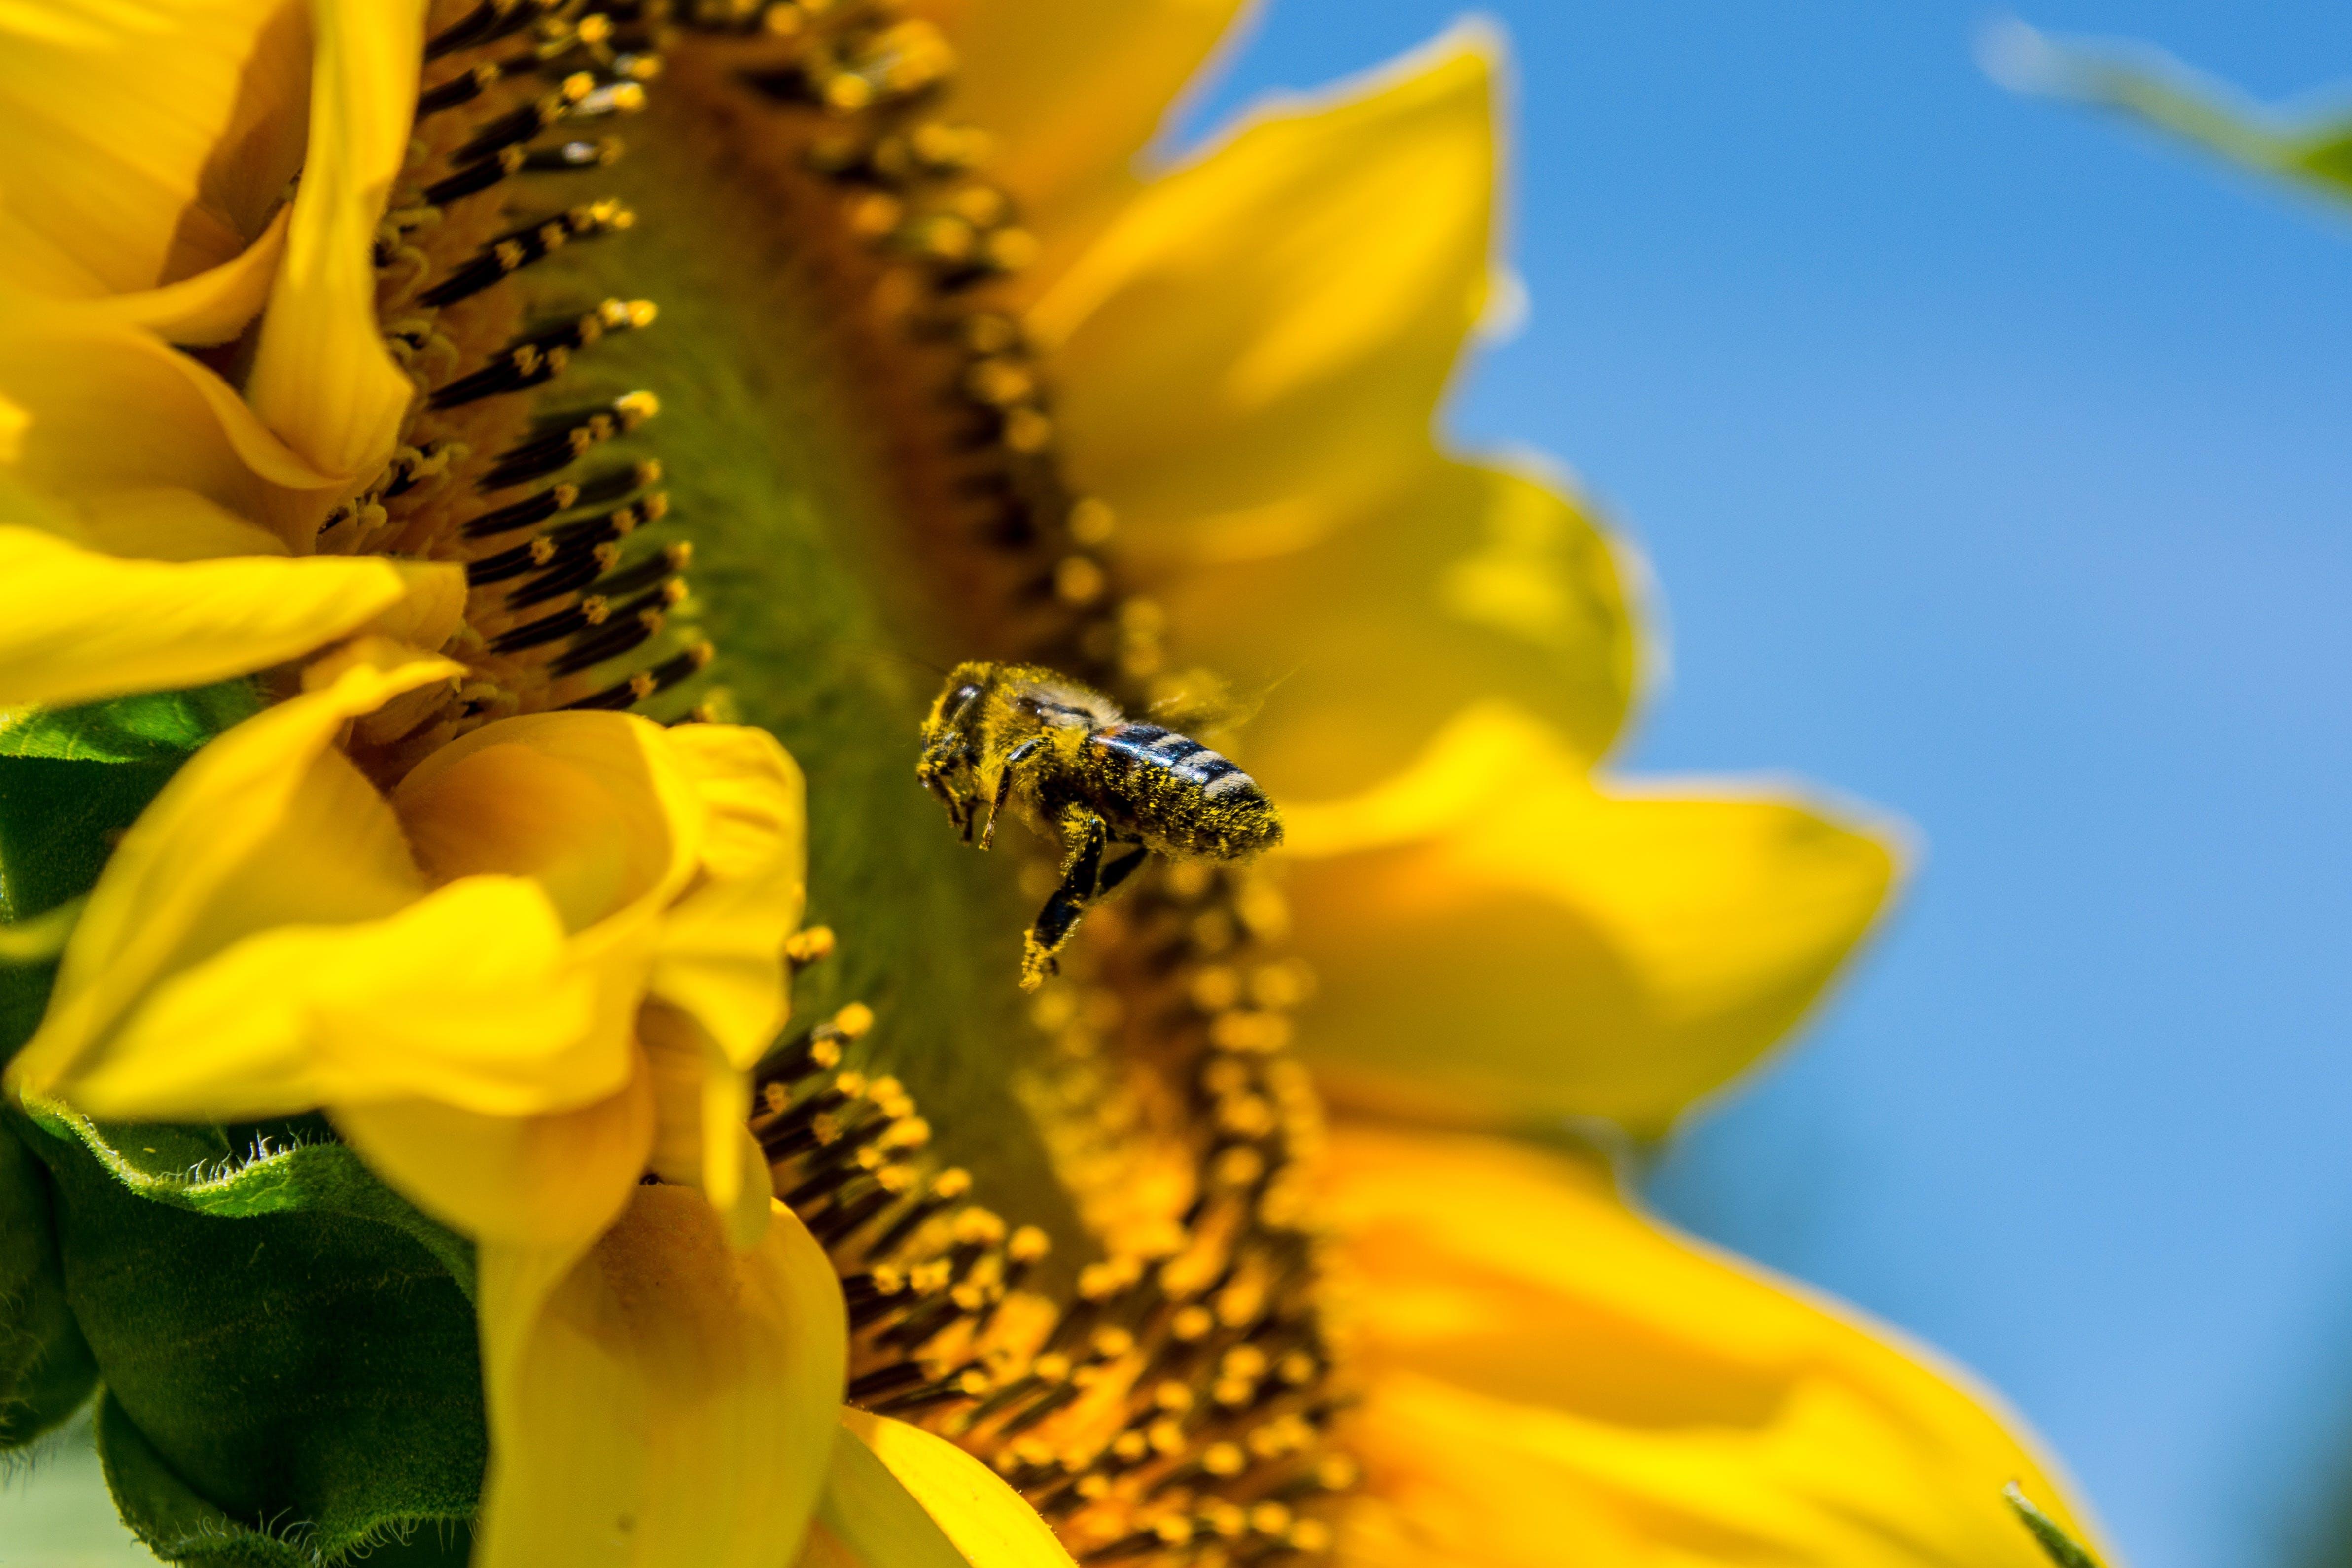 Macro Photo of Honey Bee Flying Near Yellow Flower